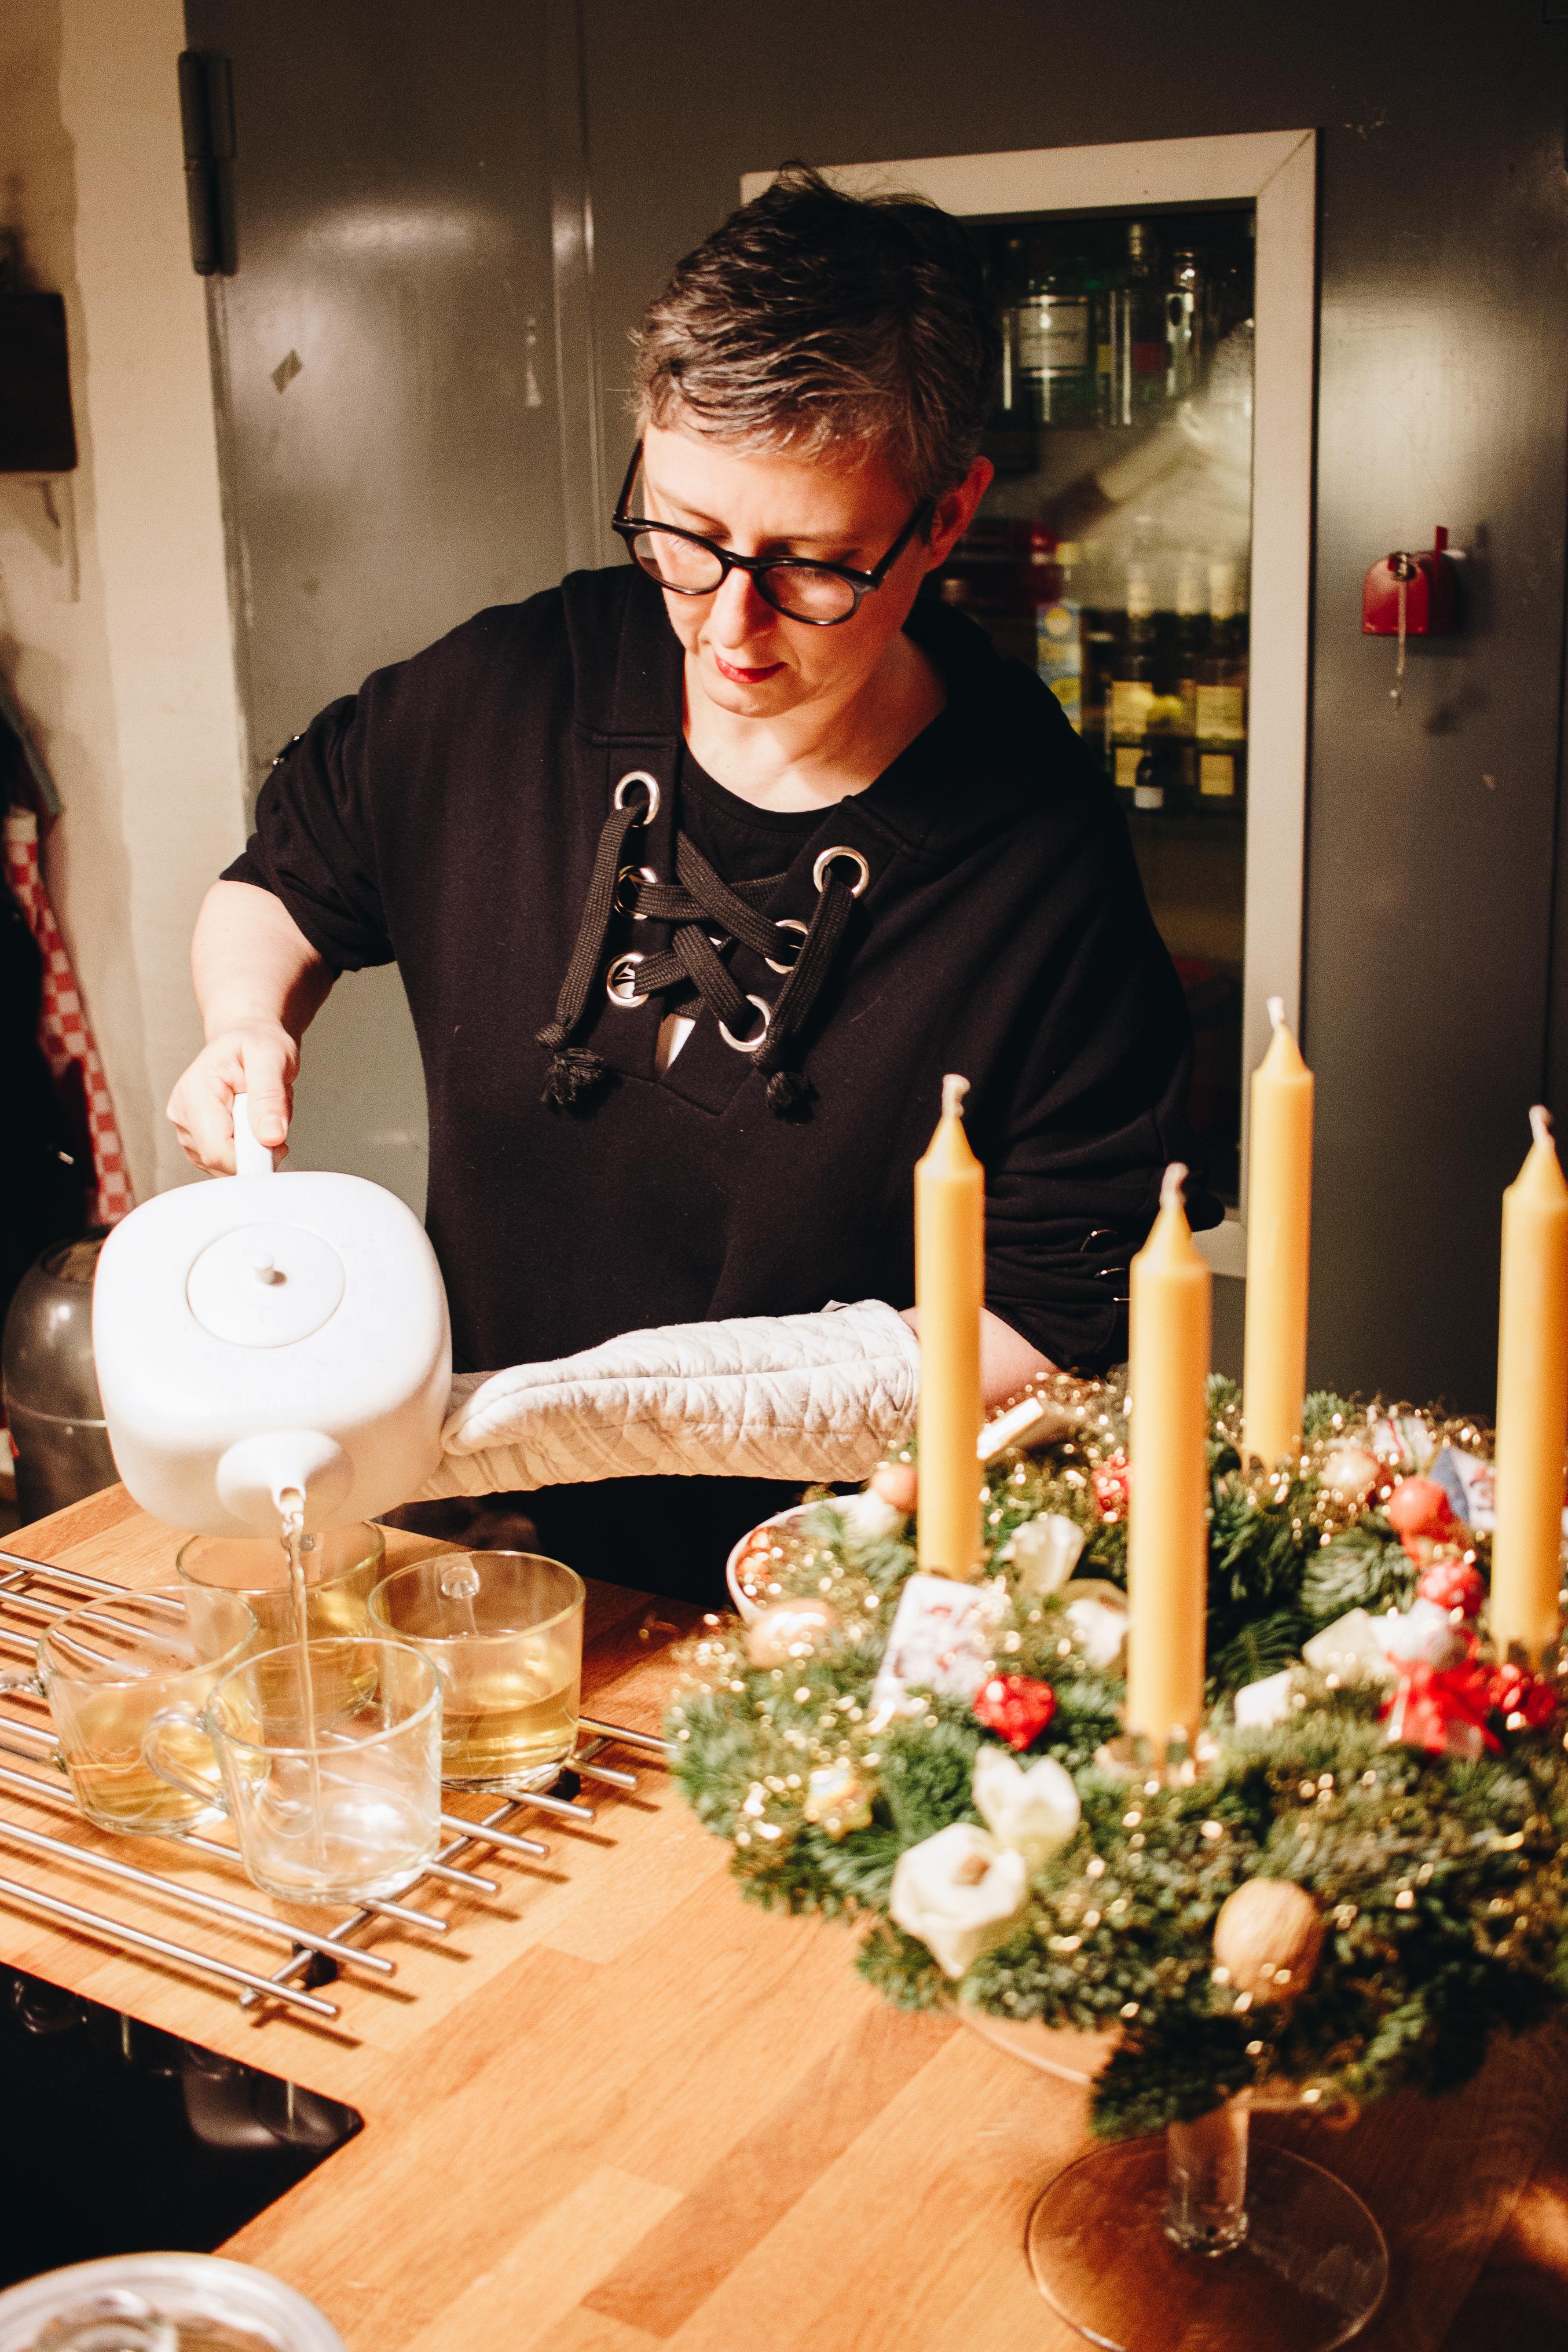 väterchen frost-engelsdorf-leipzig-weihnachtswerkstatt-annabelle sagt24